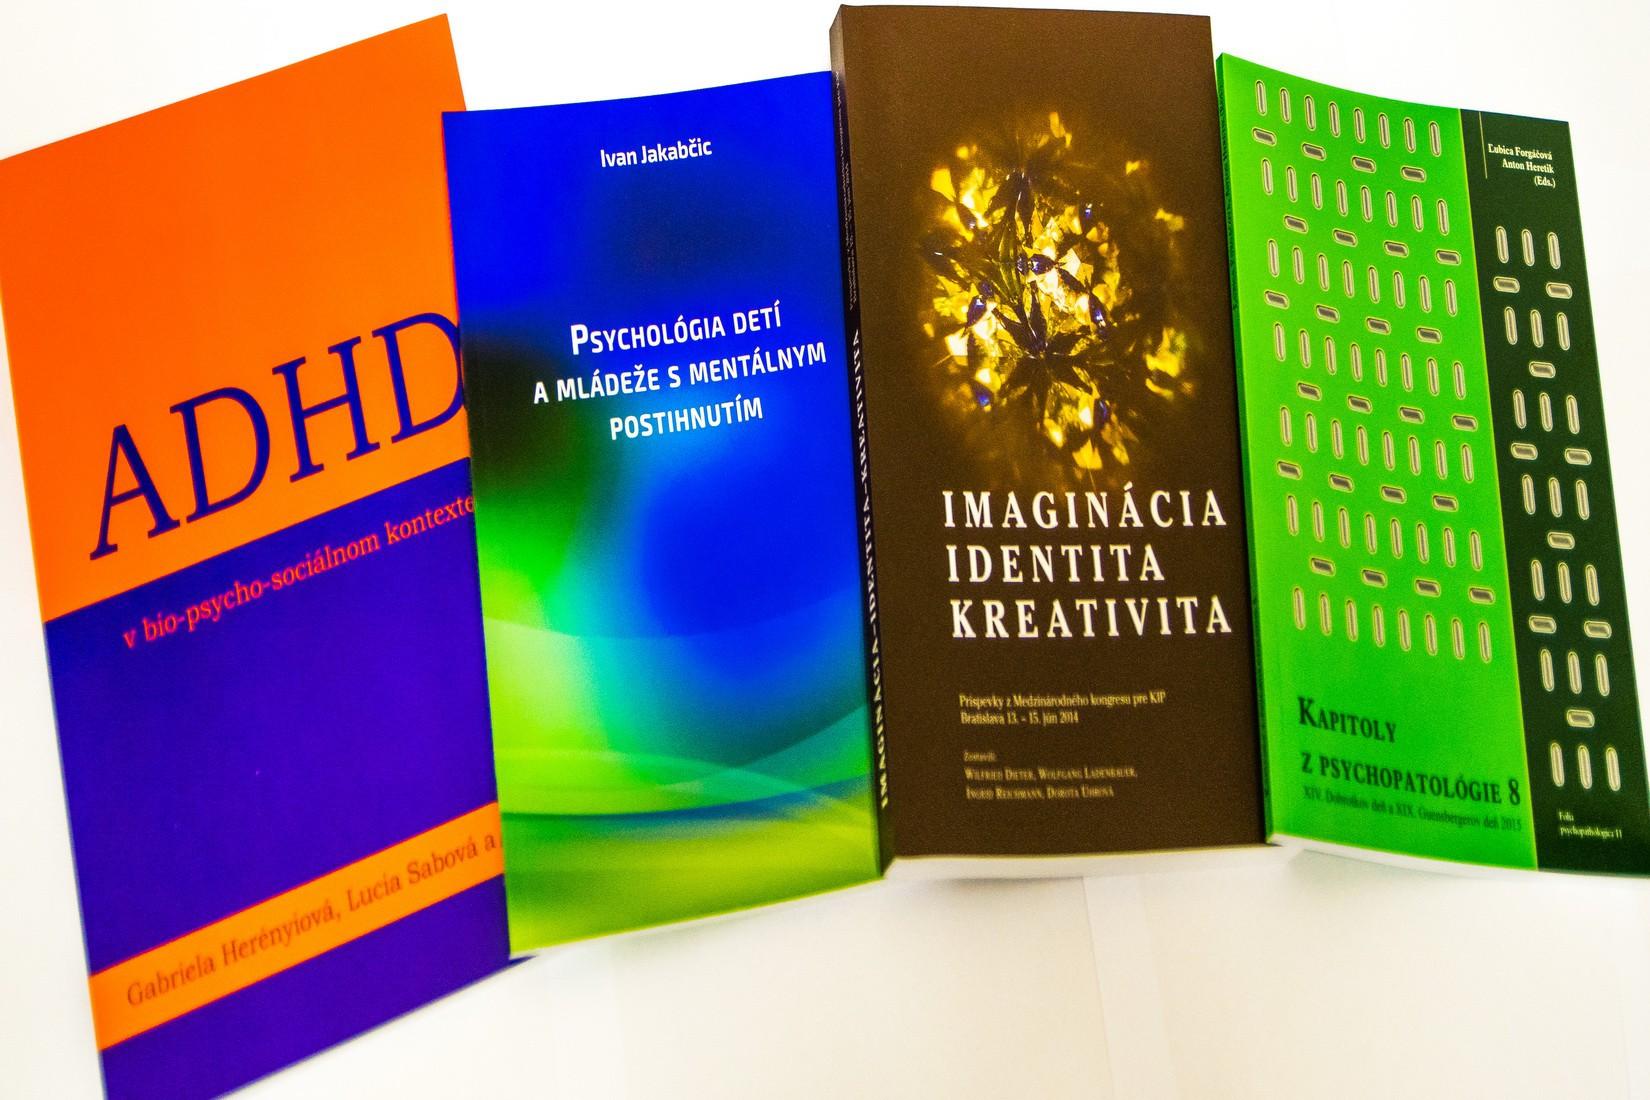 Knihy Psychoprof 2